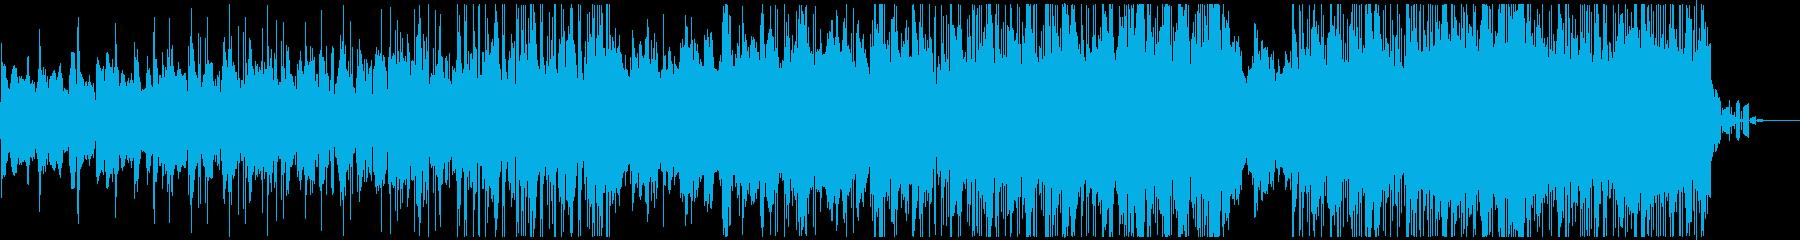 Psychedelic Morningの再生済みの波形